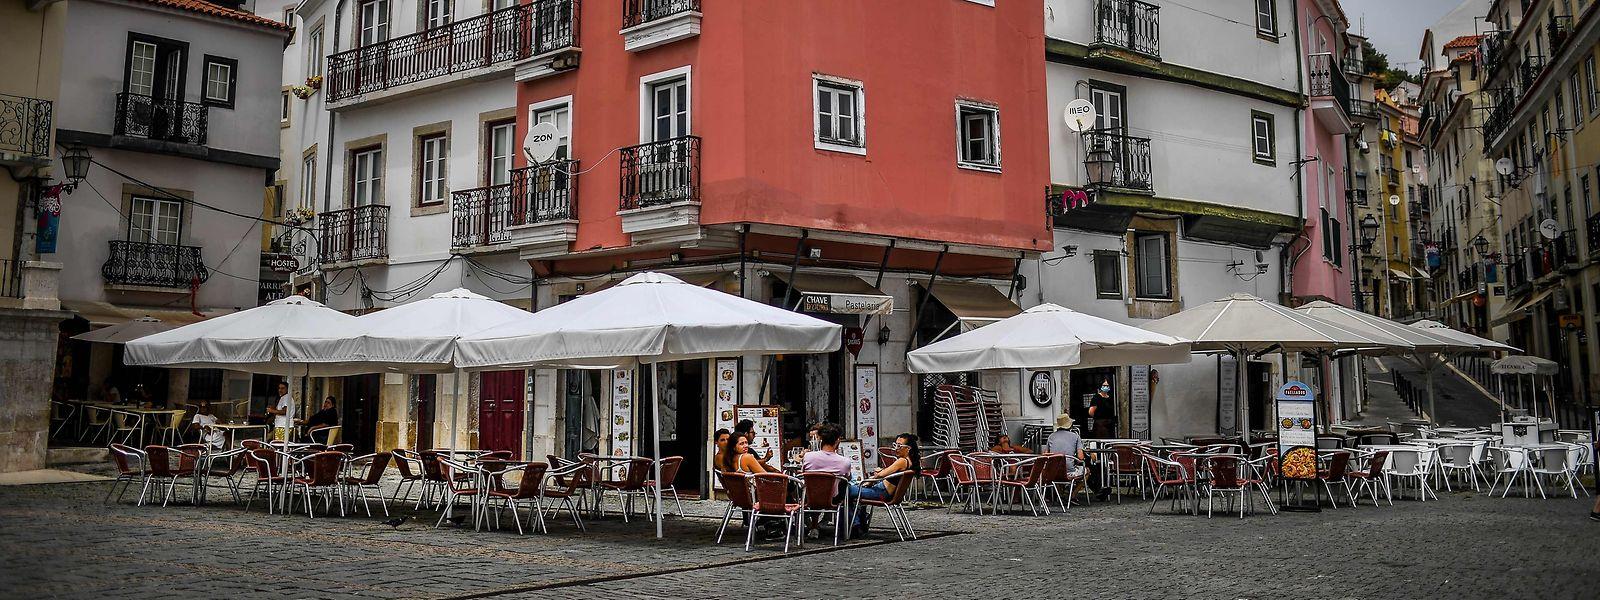 Bairro de Alfama, em Lisboa.